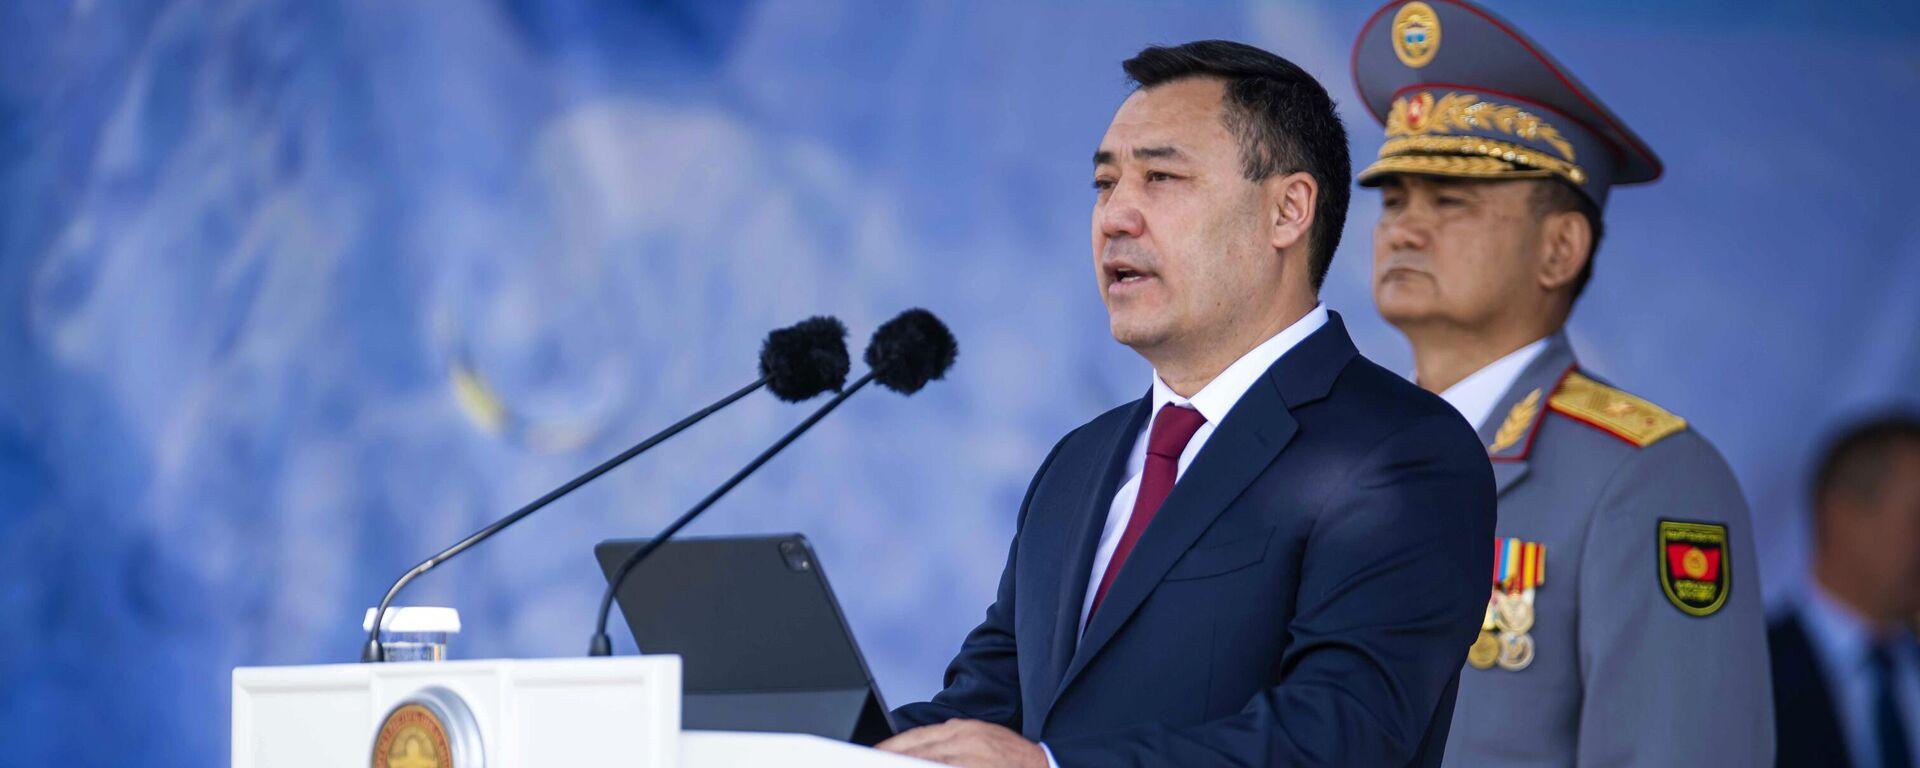 Президент Киргизии Садыр Жапаров  - Sputnik Ўзбекистон, 1920, 05.10.2021